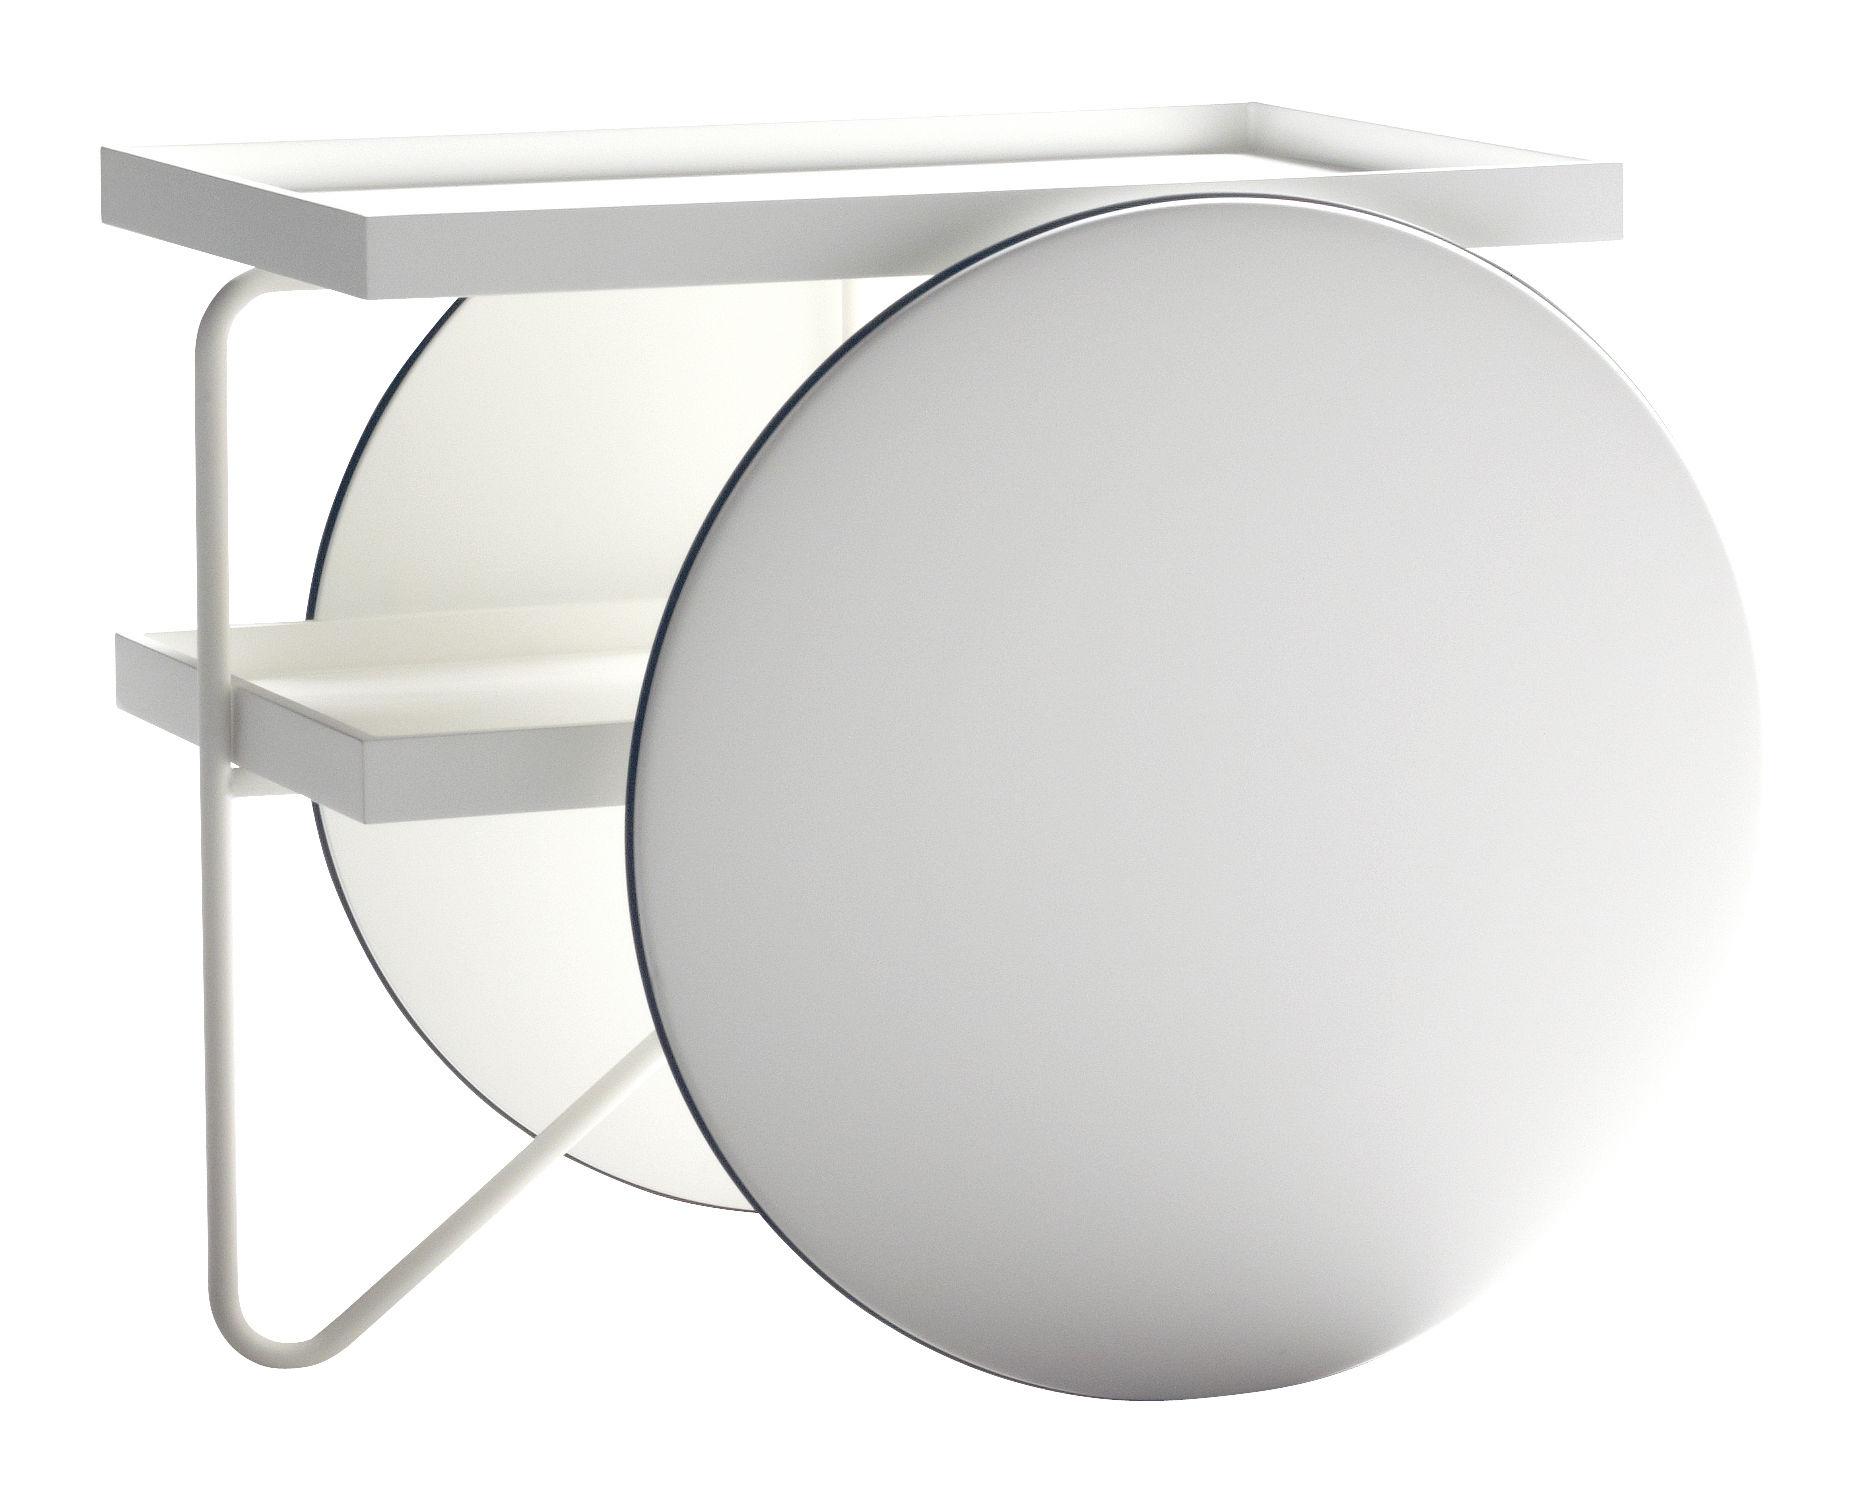 Möbel - Beistell-Möbel - Chariot Ablage - Casamania - Weiß - lackierte Holzfaserplatte